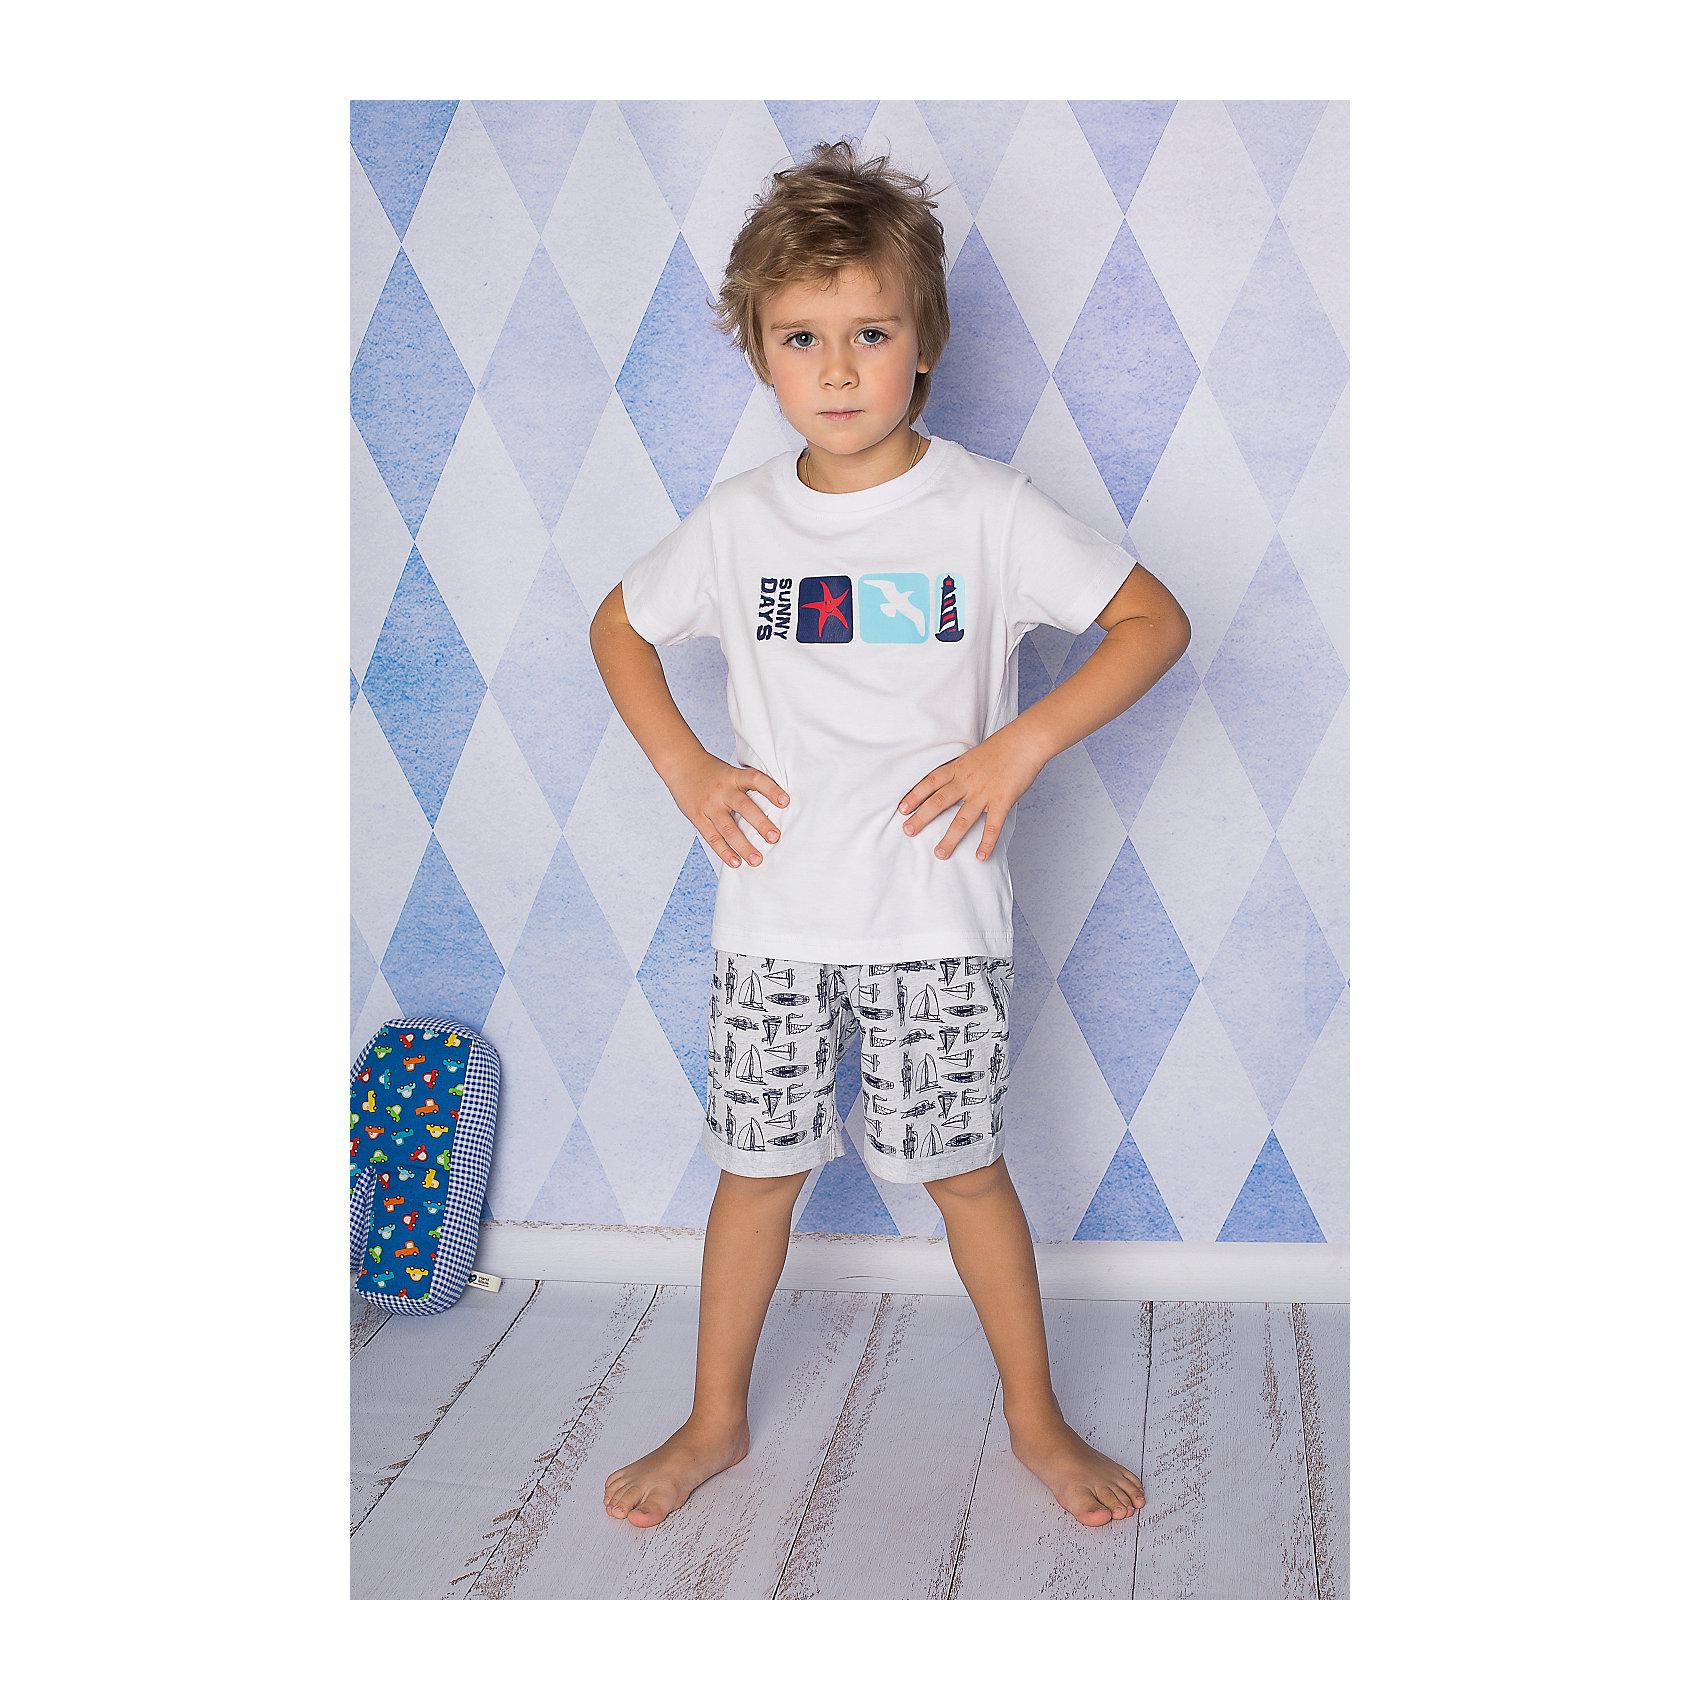 Пижама для мальчика Sweet BerryКомплект футболка и шорты для сна и дома. Шорты на поясе с внутренней резинкой и дополнительным хлопковым шнурком. Футболка украшена ярким принтом. Состав: 95% хлопок 5% эластан<br><br>Ширина мм: 281<br>Глубина мм: 70<br>Высота мм: 188<br>Вес г: 295<br>Цвет: белый/серый<br>Возраст от месяцев: 24<br>Возраст до месяцев: 36<br>Пол: Мужской<br>Возраст: Детский<br>Размер: 98,128,140,134,122,116,104,110<br>SKU: 4633055